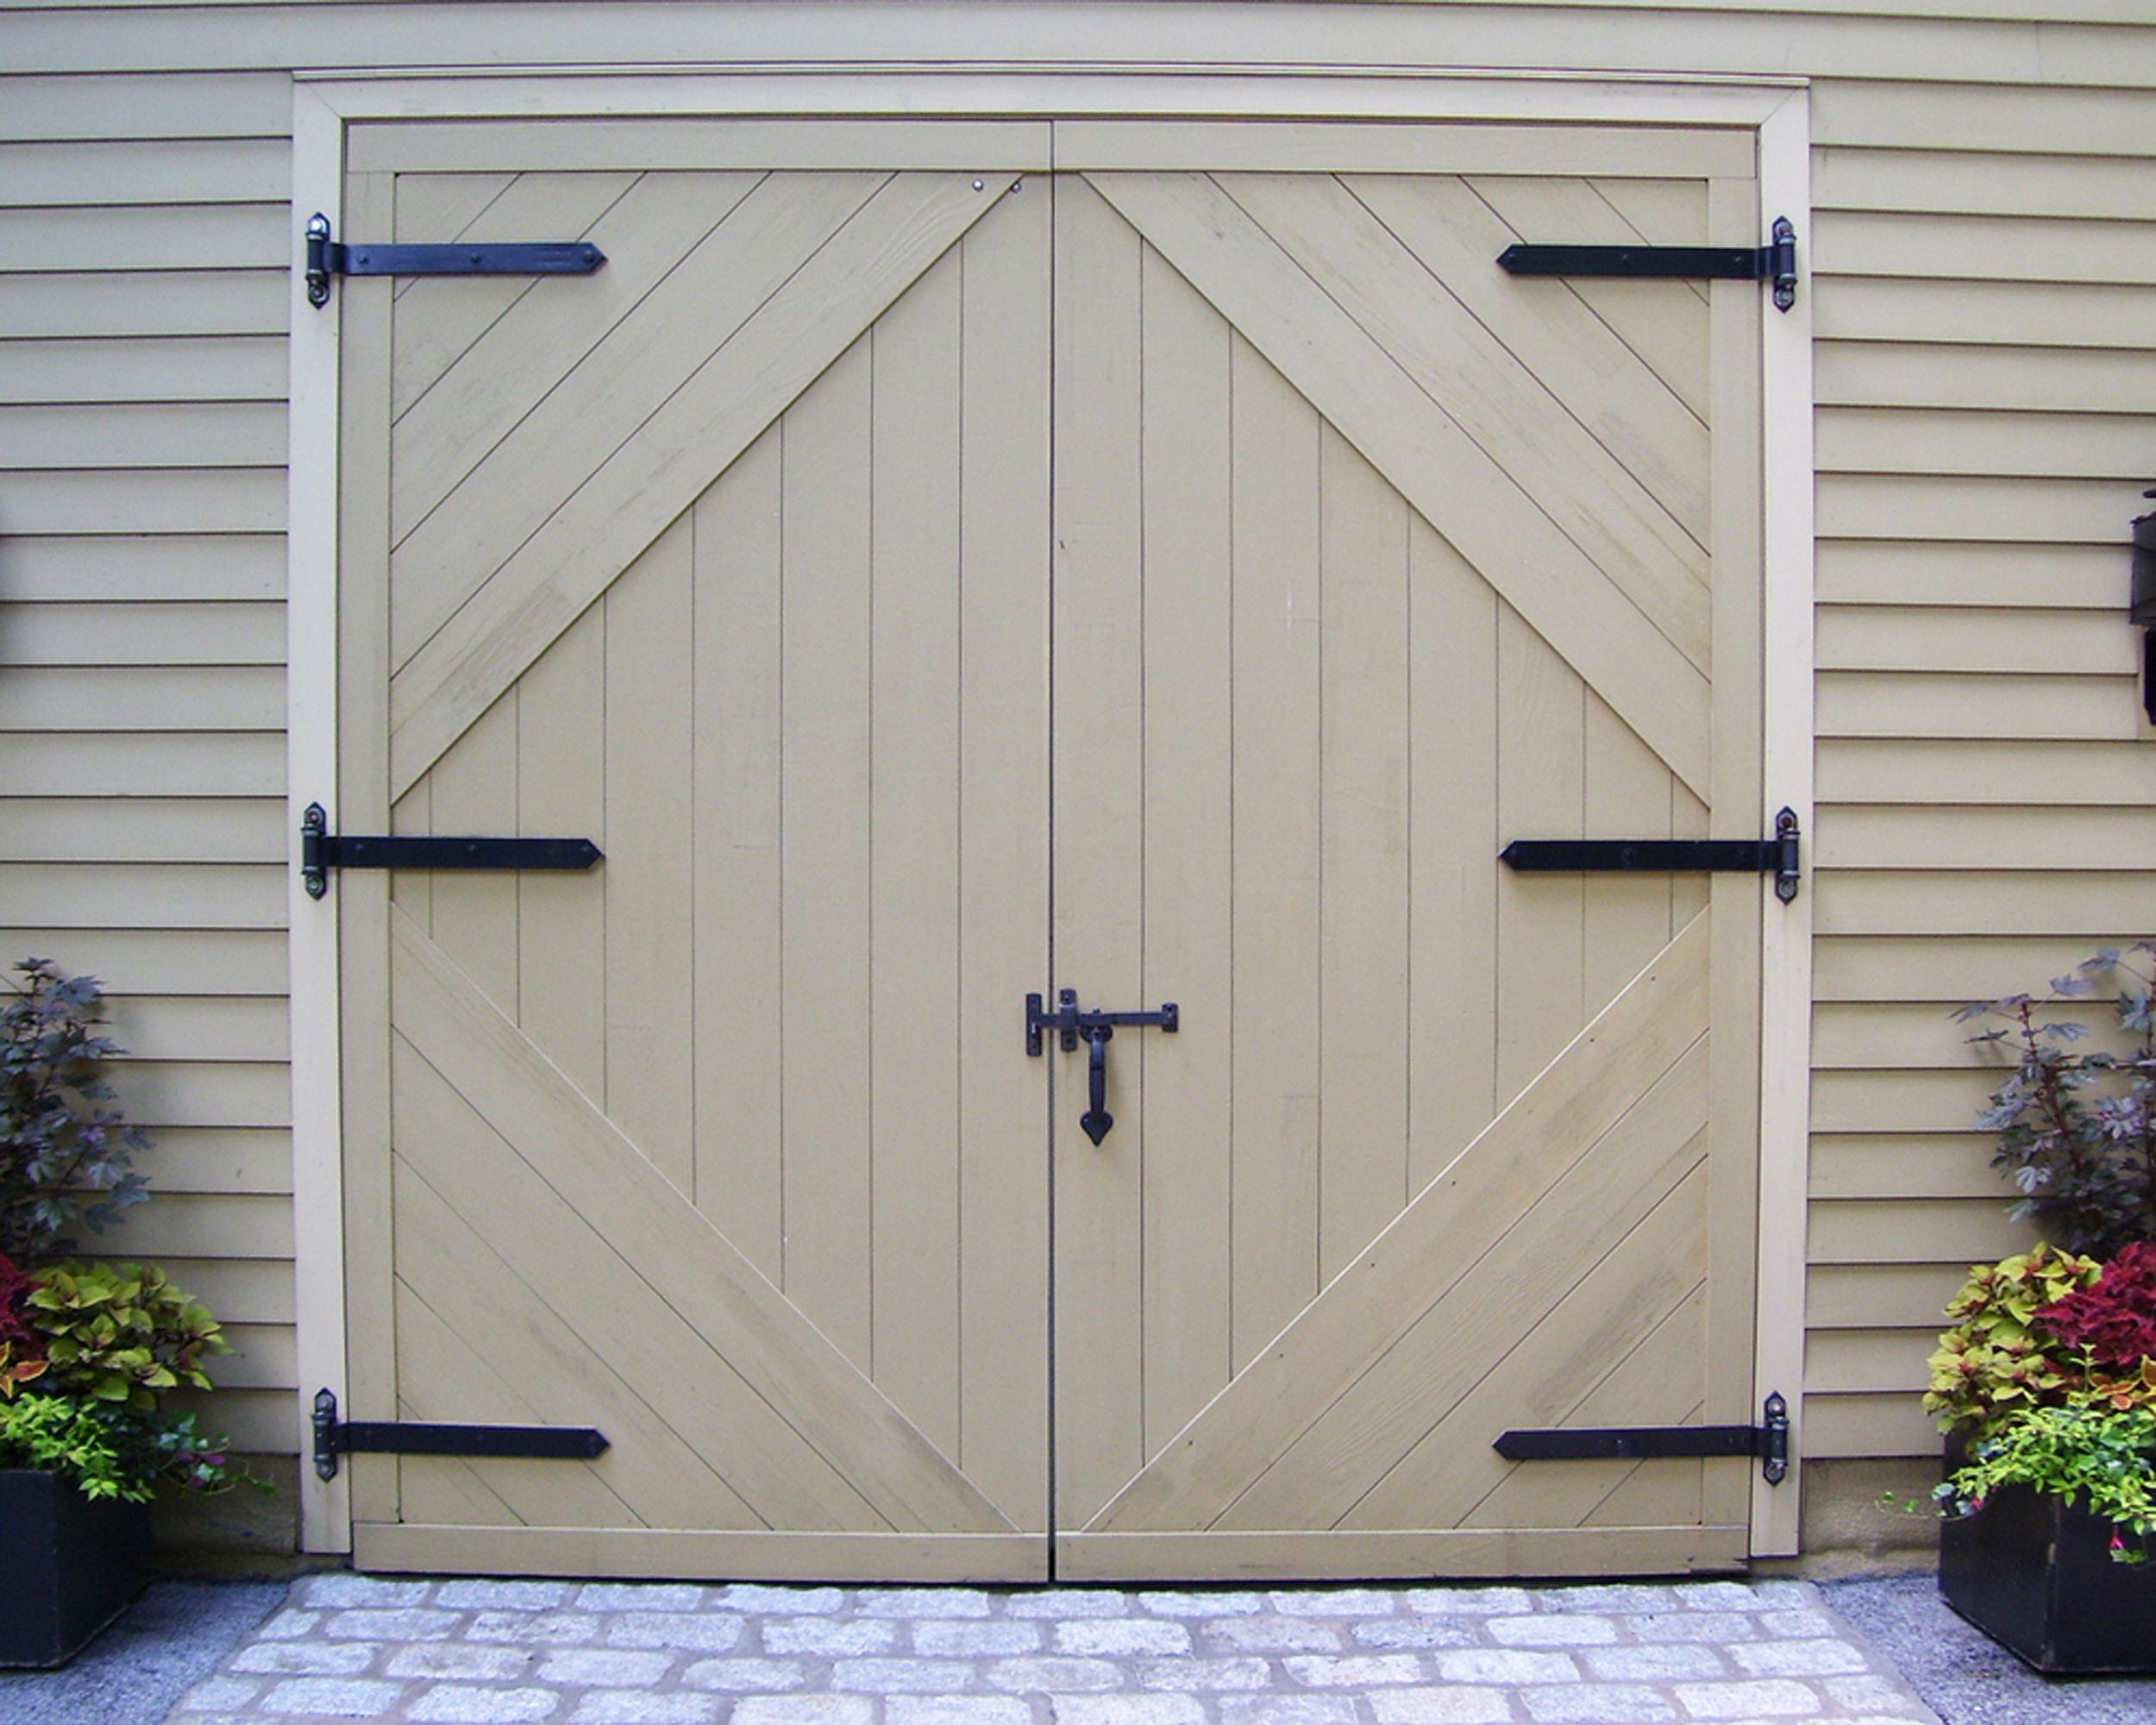 Selecting Heavy Duty Strap Hinges For Swinging Doors Garage Door